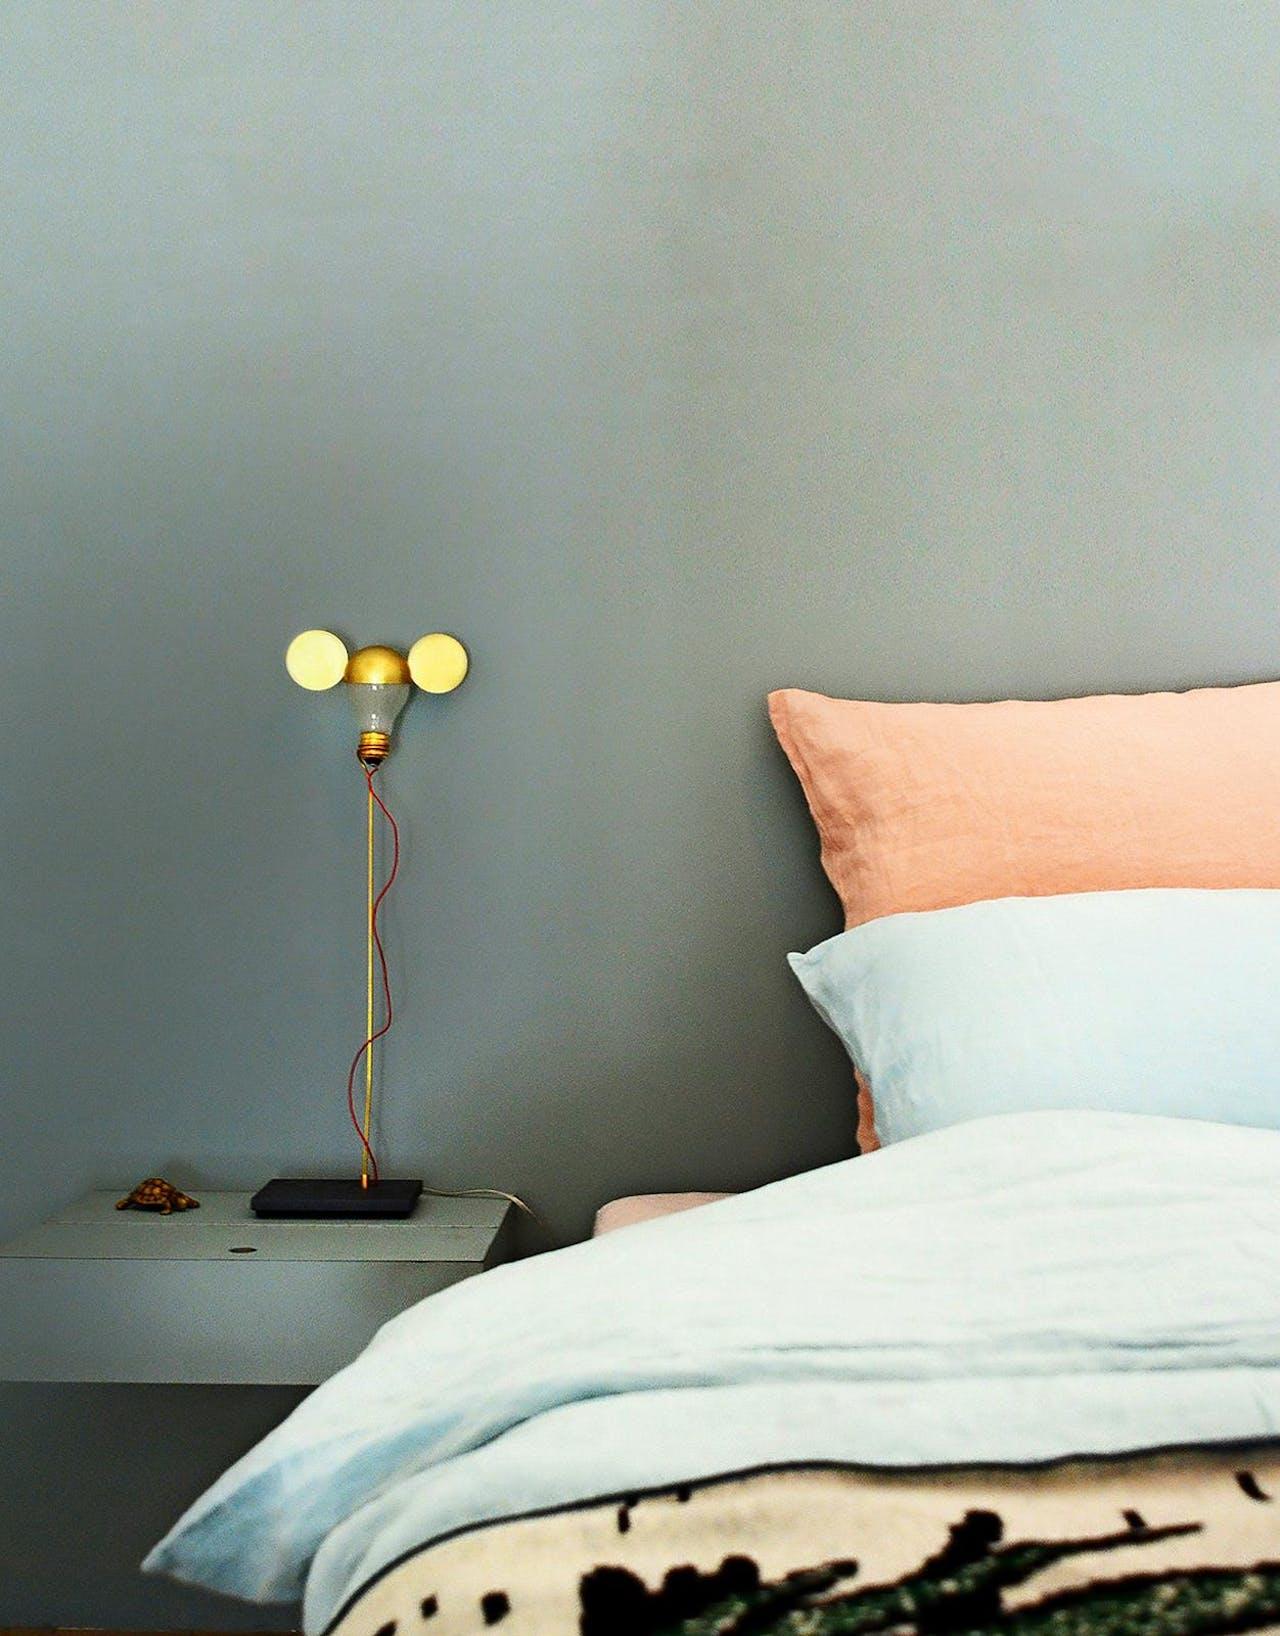 De accessoires uit de b&b zijn te koop in de webshop I/Object, zoals dit lampje van Ingo Maurer.